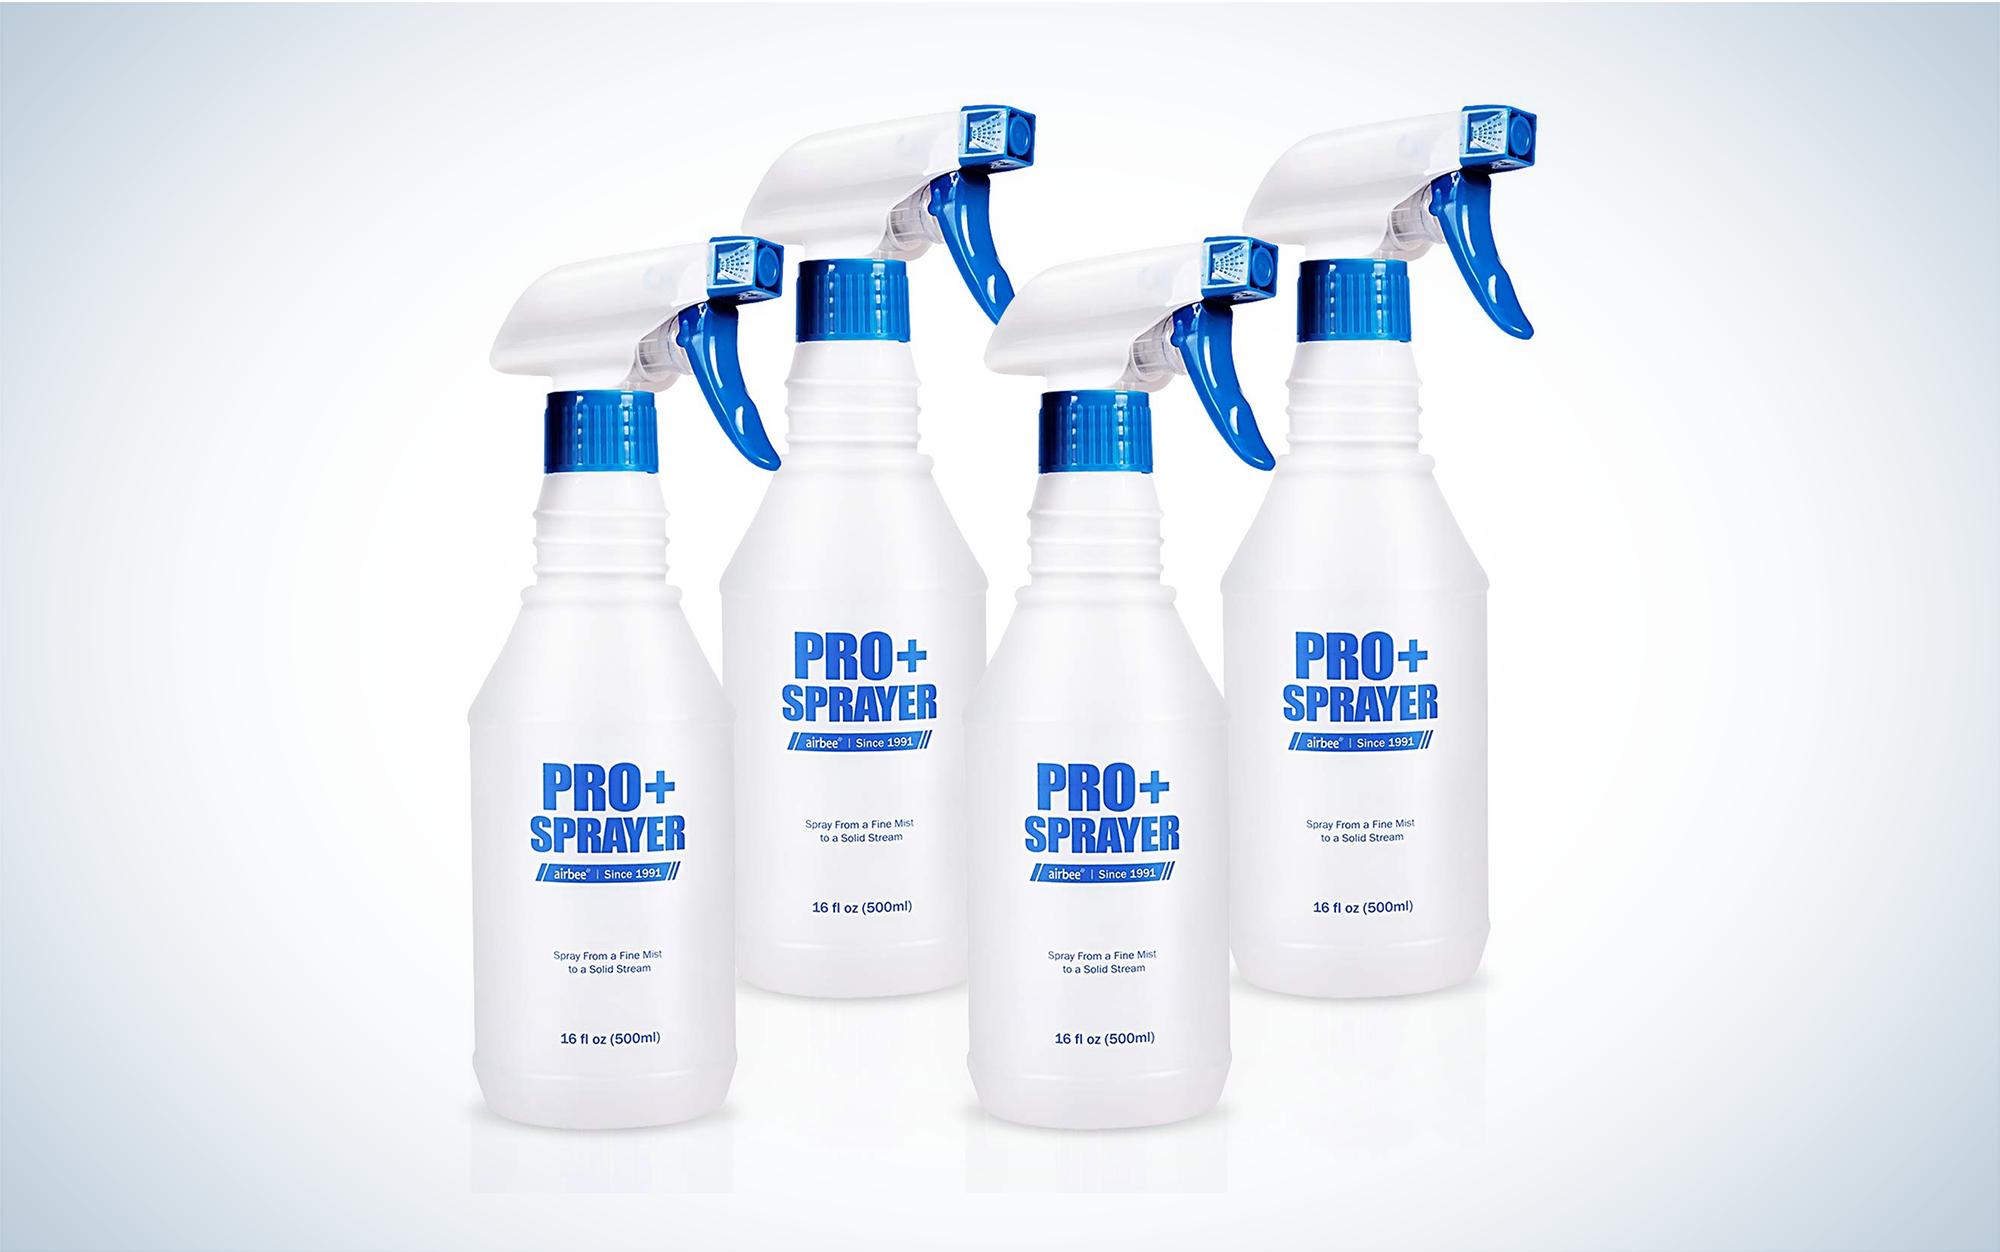 Four spray bottles